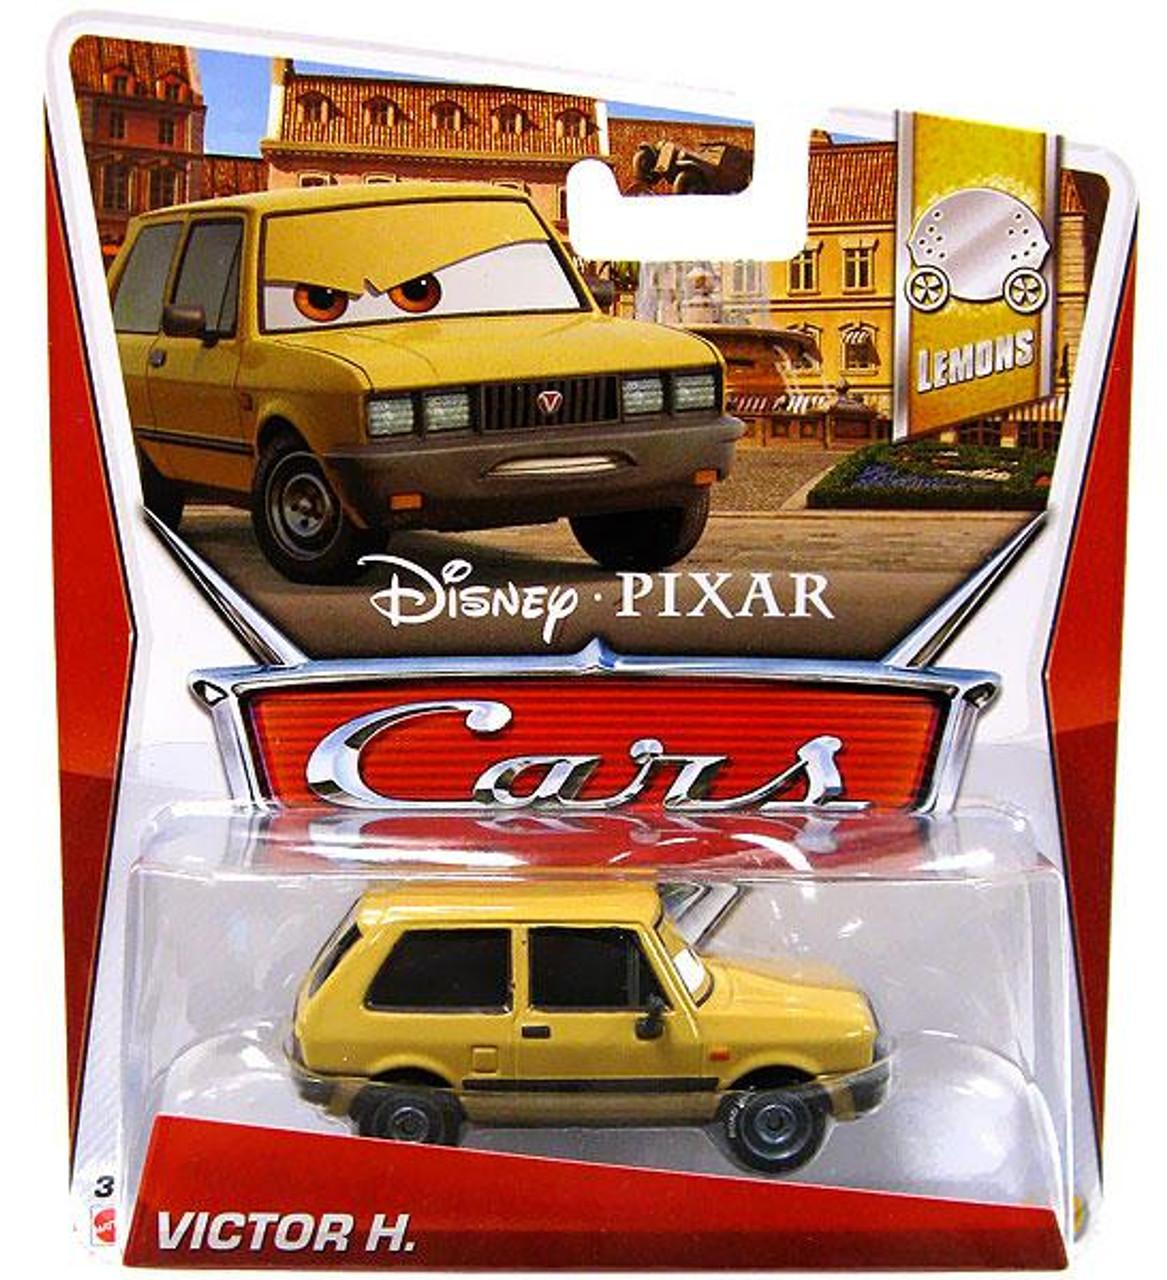 Disney Cars Lemons Victor H. Diecast Car #3